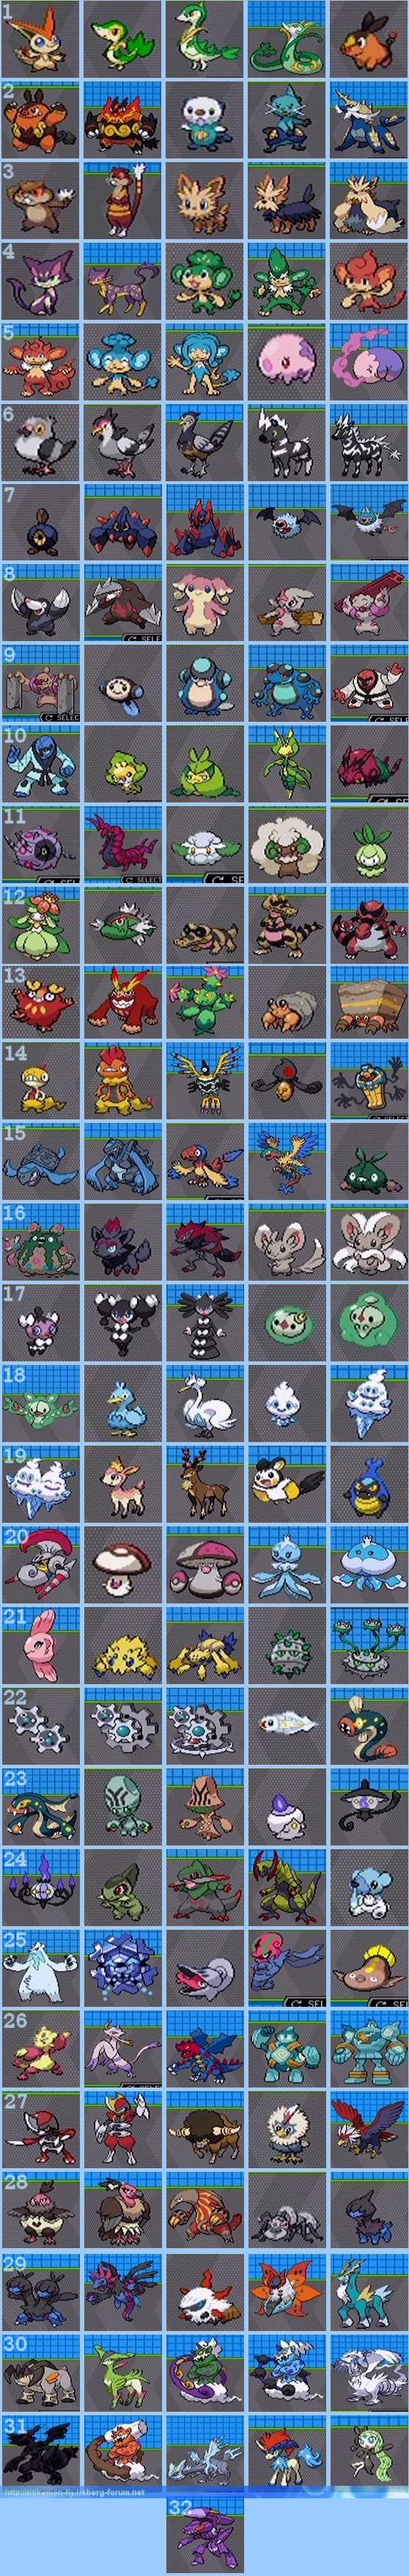 [Nintendo] Pokémon tout sur leur univers (Jeux, Série TV, Films, Codes amis) !! - Page 4 916285listedespokemond__isshuavecnumeros